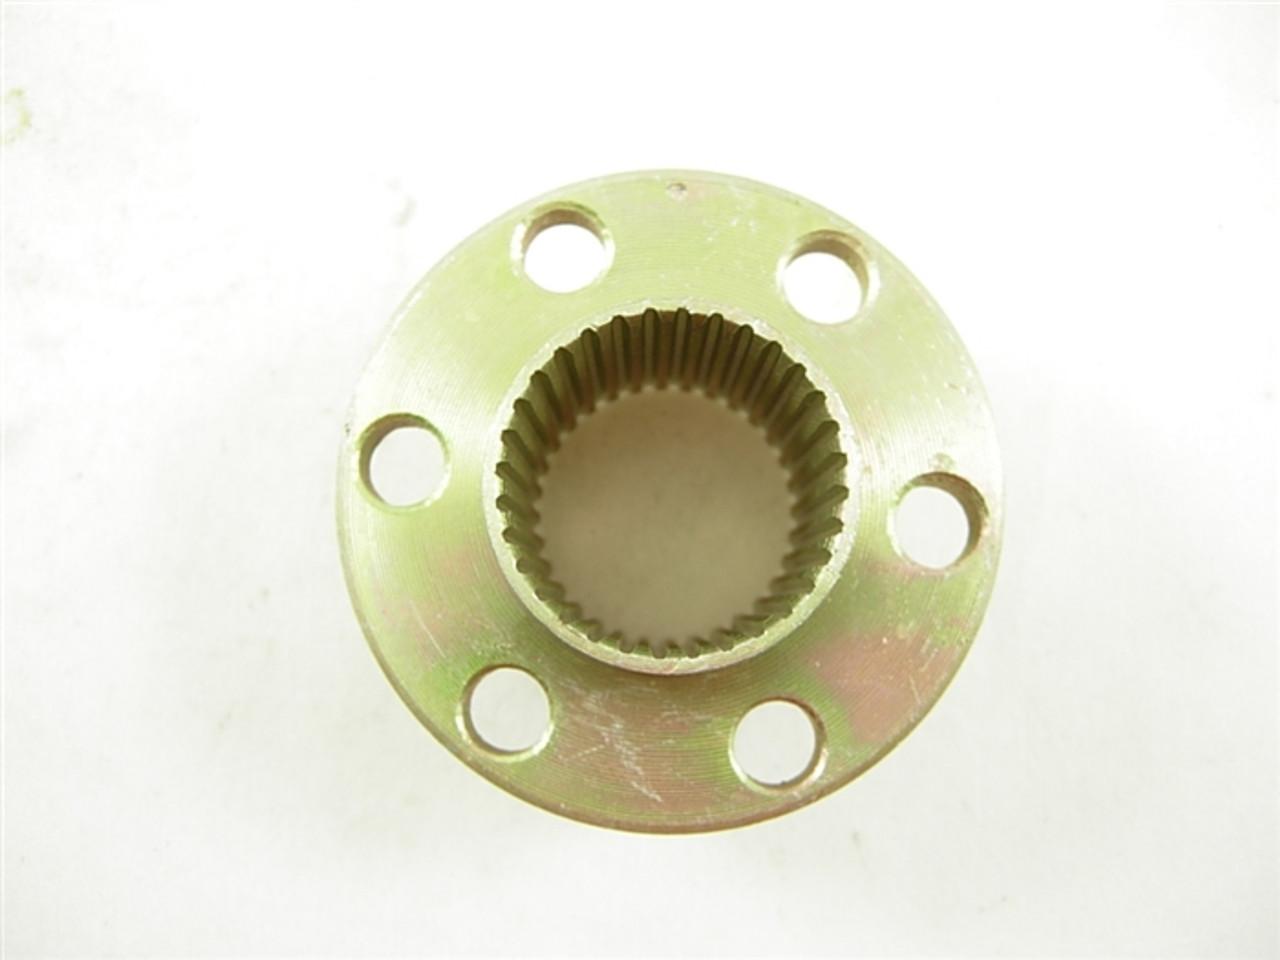 HUB (SPROCKET HOLDER) 12994-A167-6